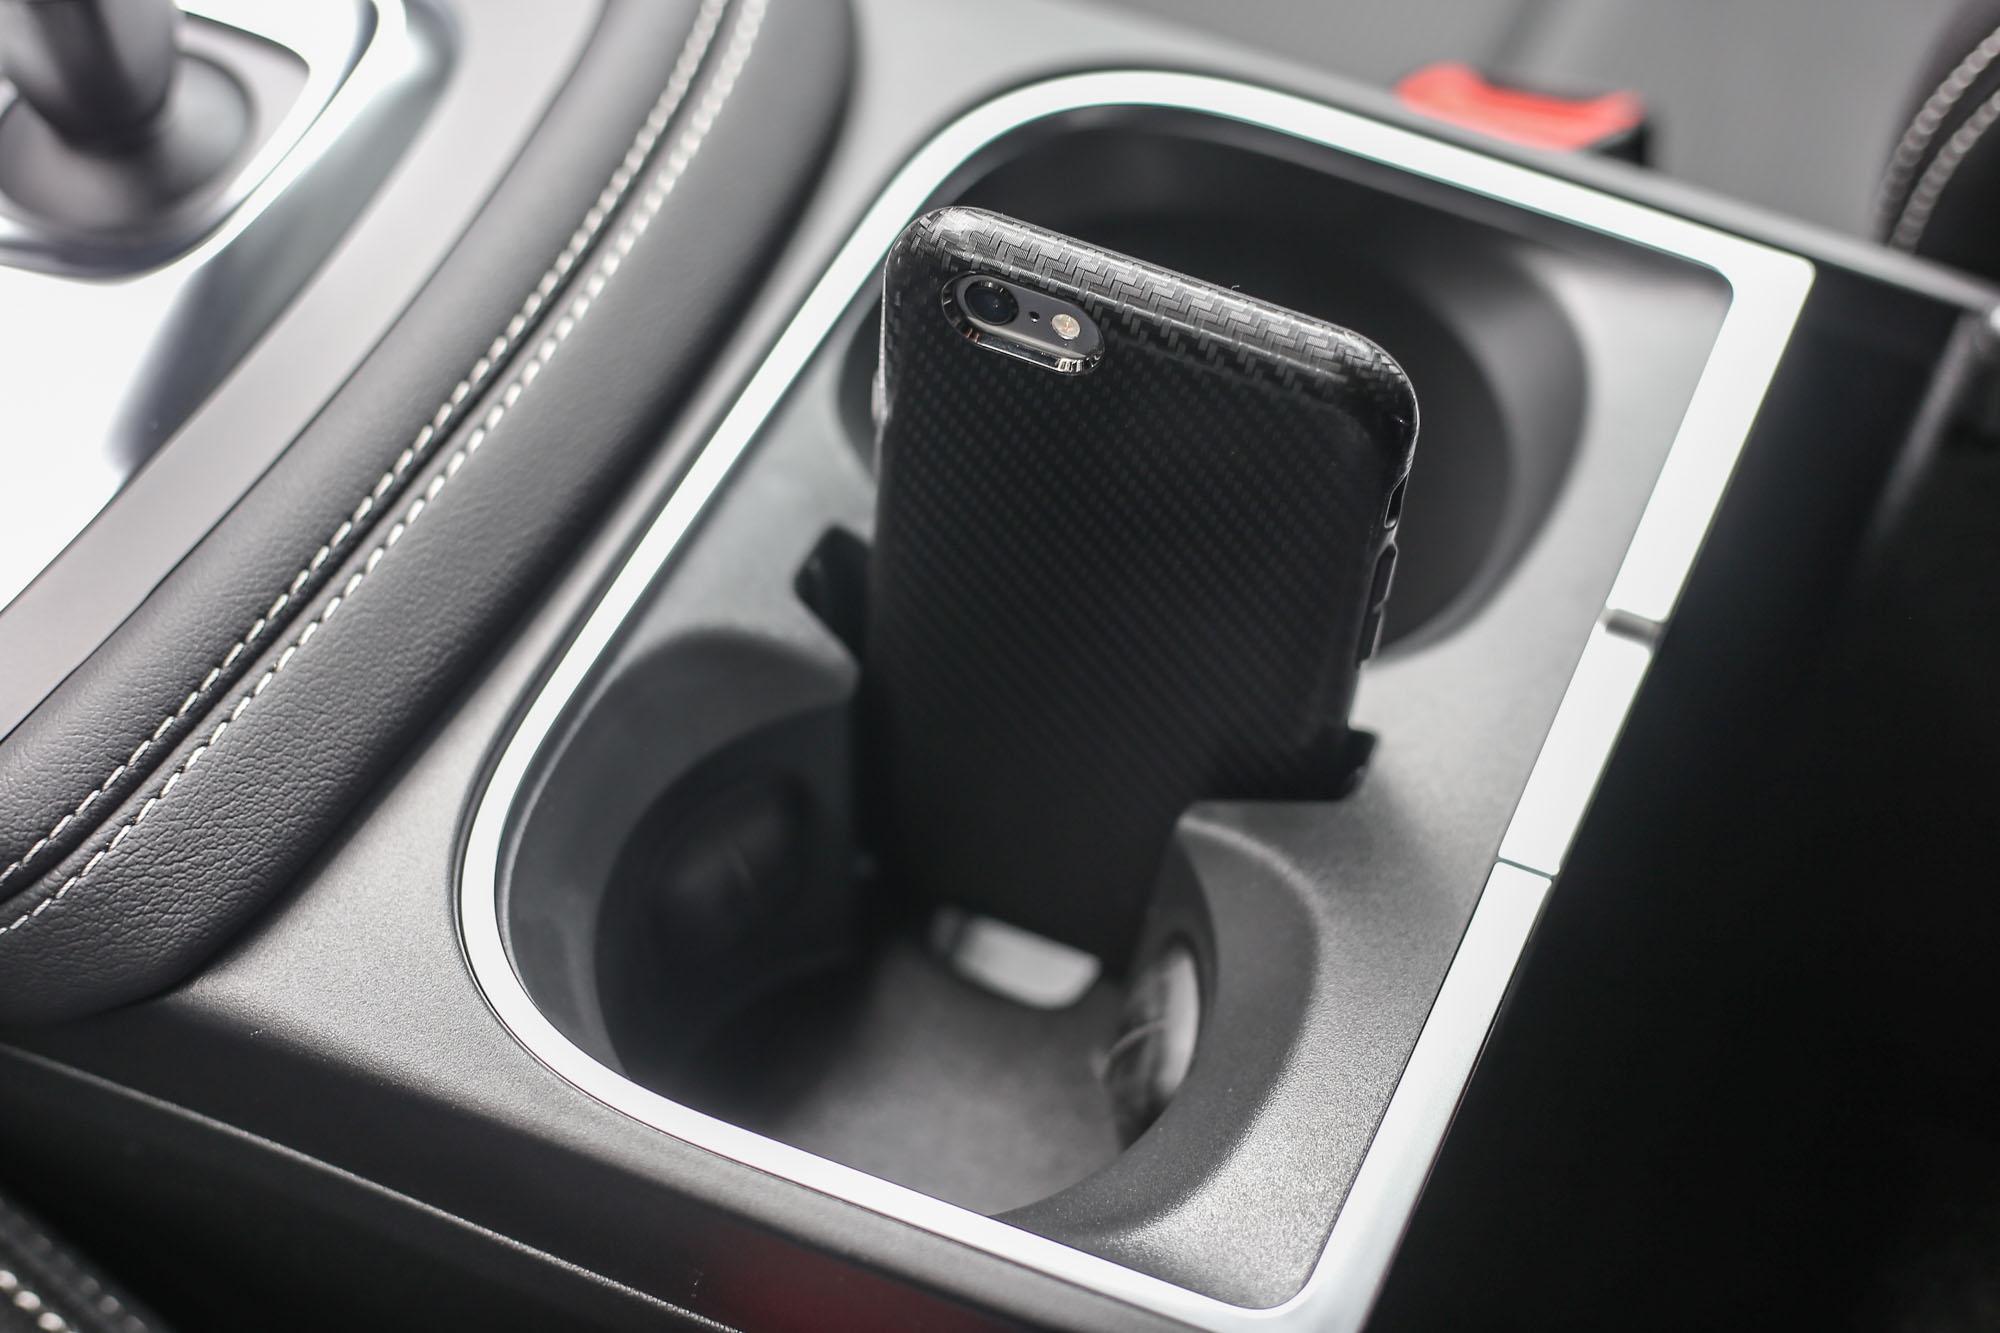 前座置杯架中央特殊的手機插槽,添增方便性。